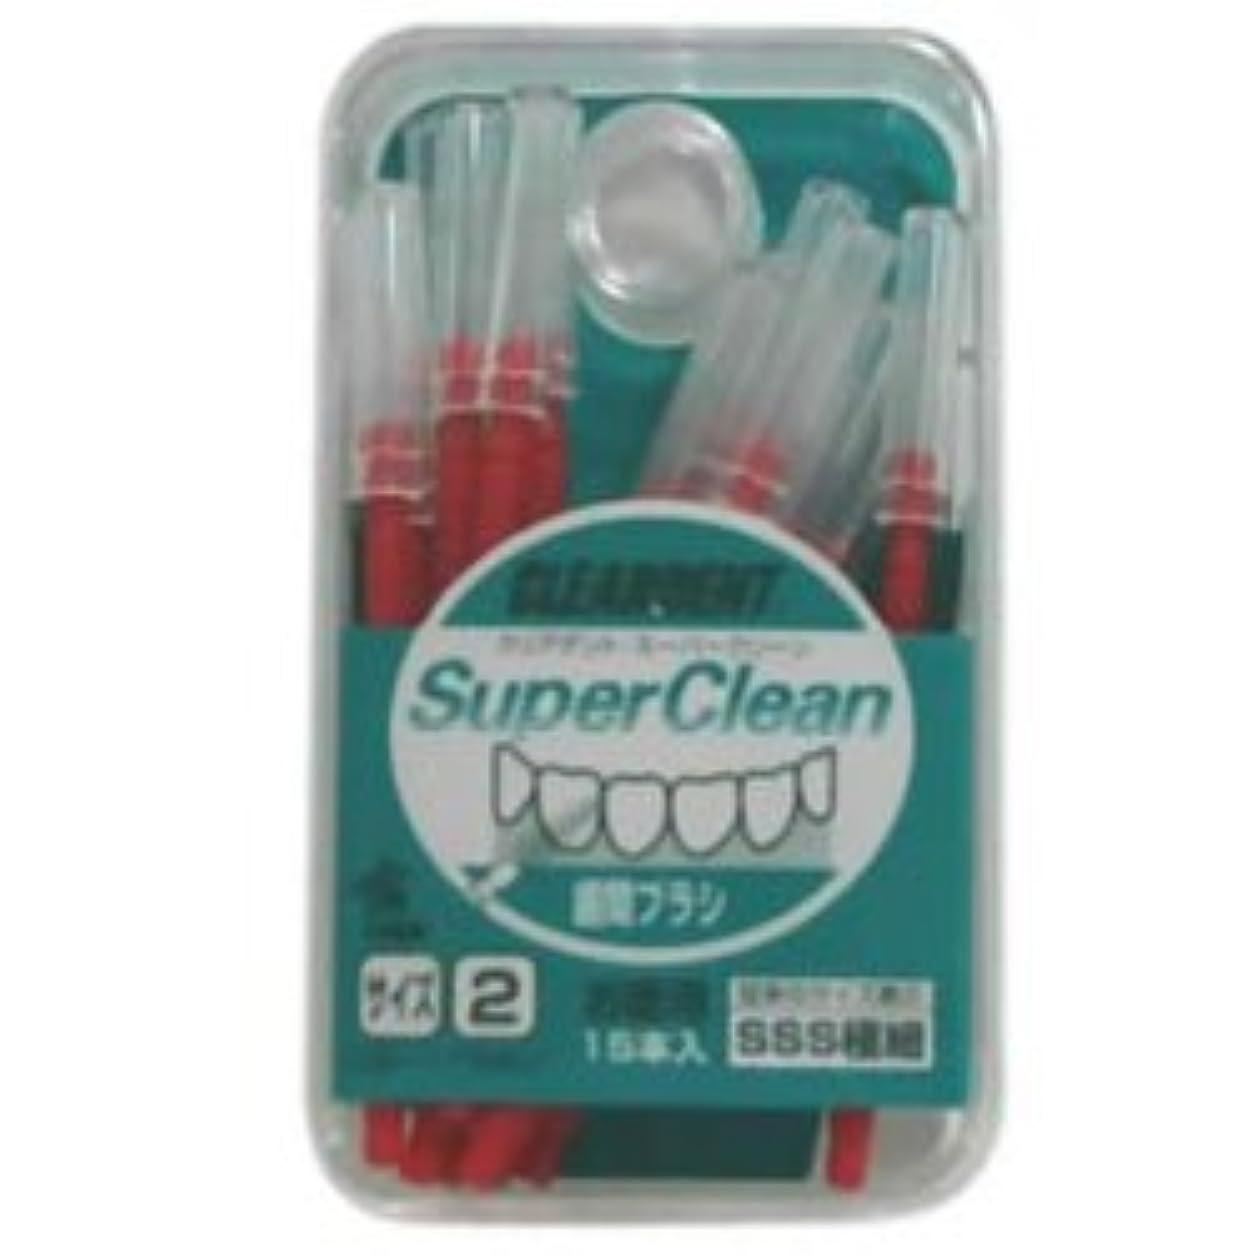 困難噴火かすかな【広栄社】クリアデント歯間ブラシ(お徳用) サイズ2 SSS 極細 15本入 ×3個セット